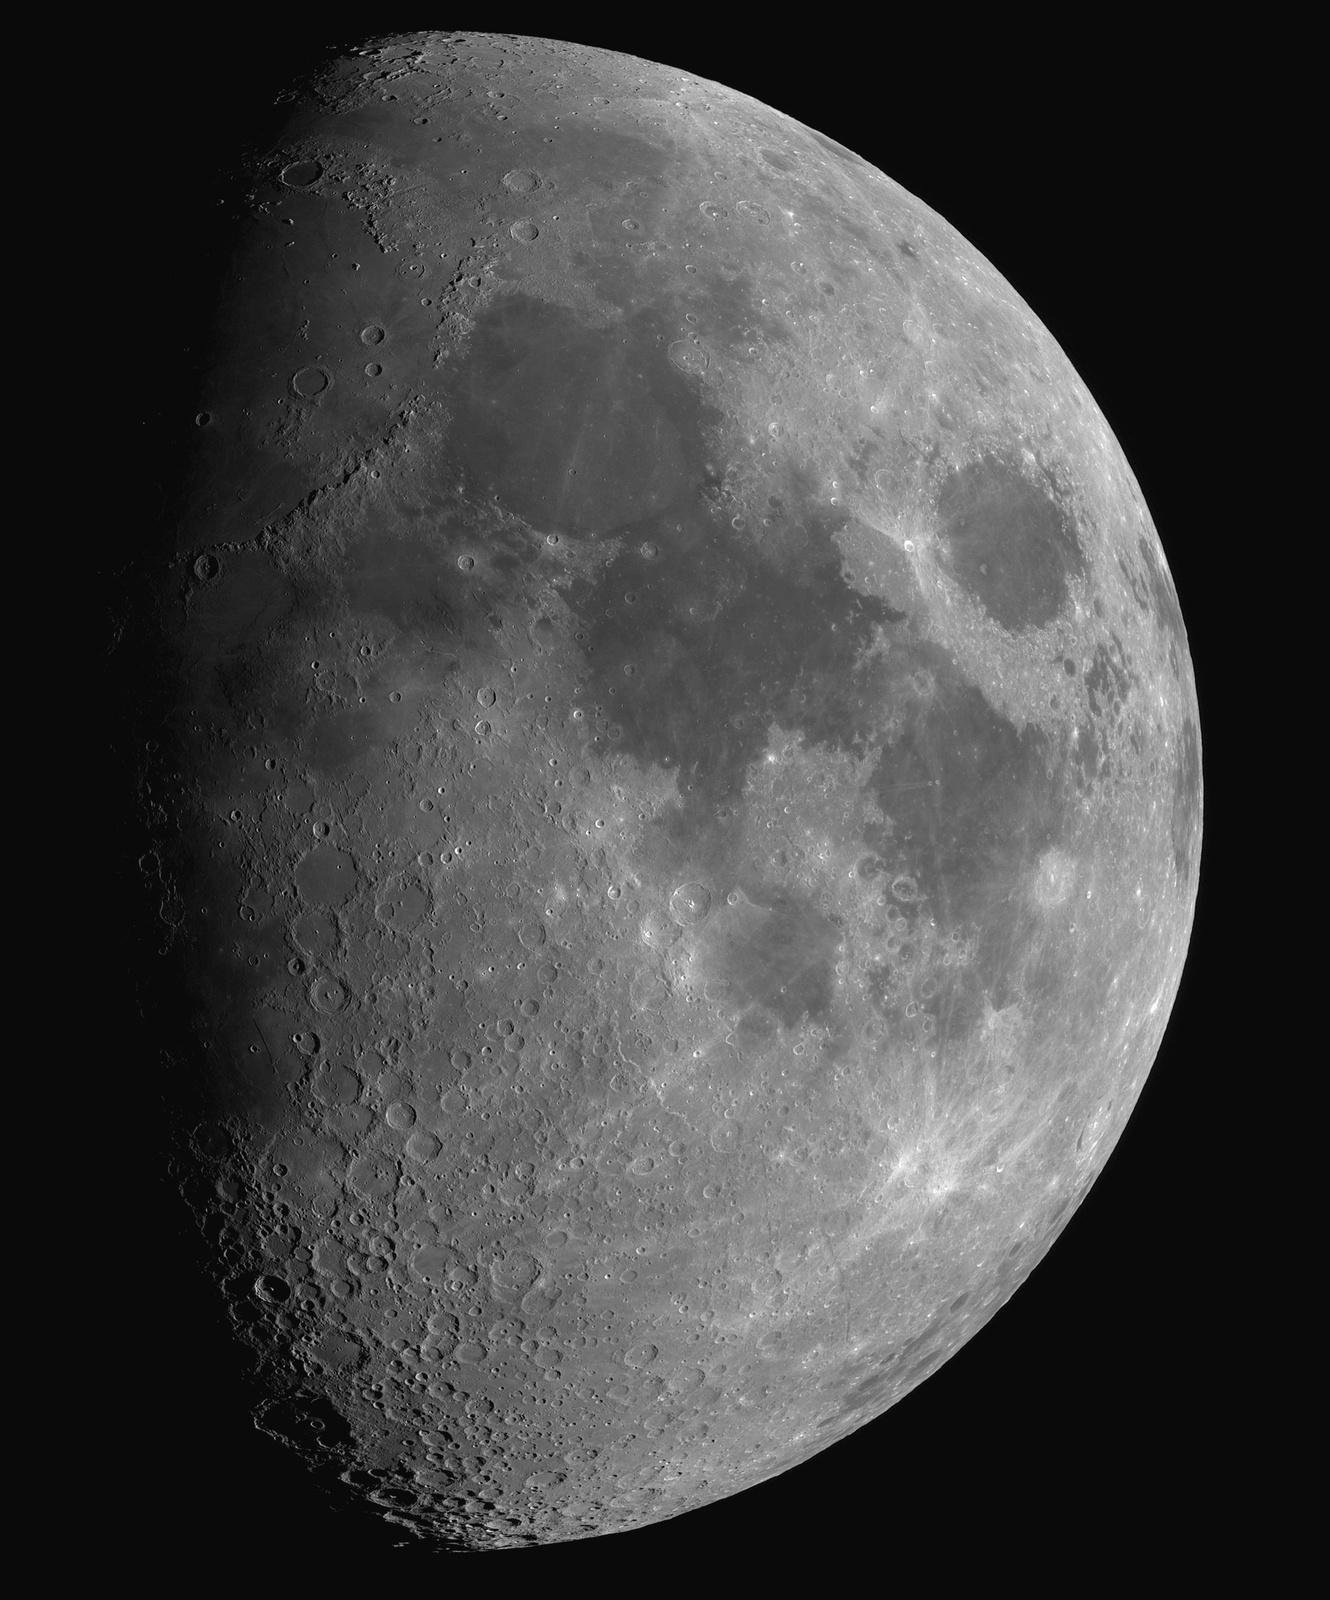 Księżyc 2d po pierwszej kwadrze_9.08.2019r_20.45_TS152F900_ASI290MM_Omegon Halpha 12nm_mozaika90%....jpg